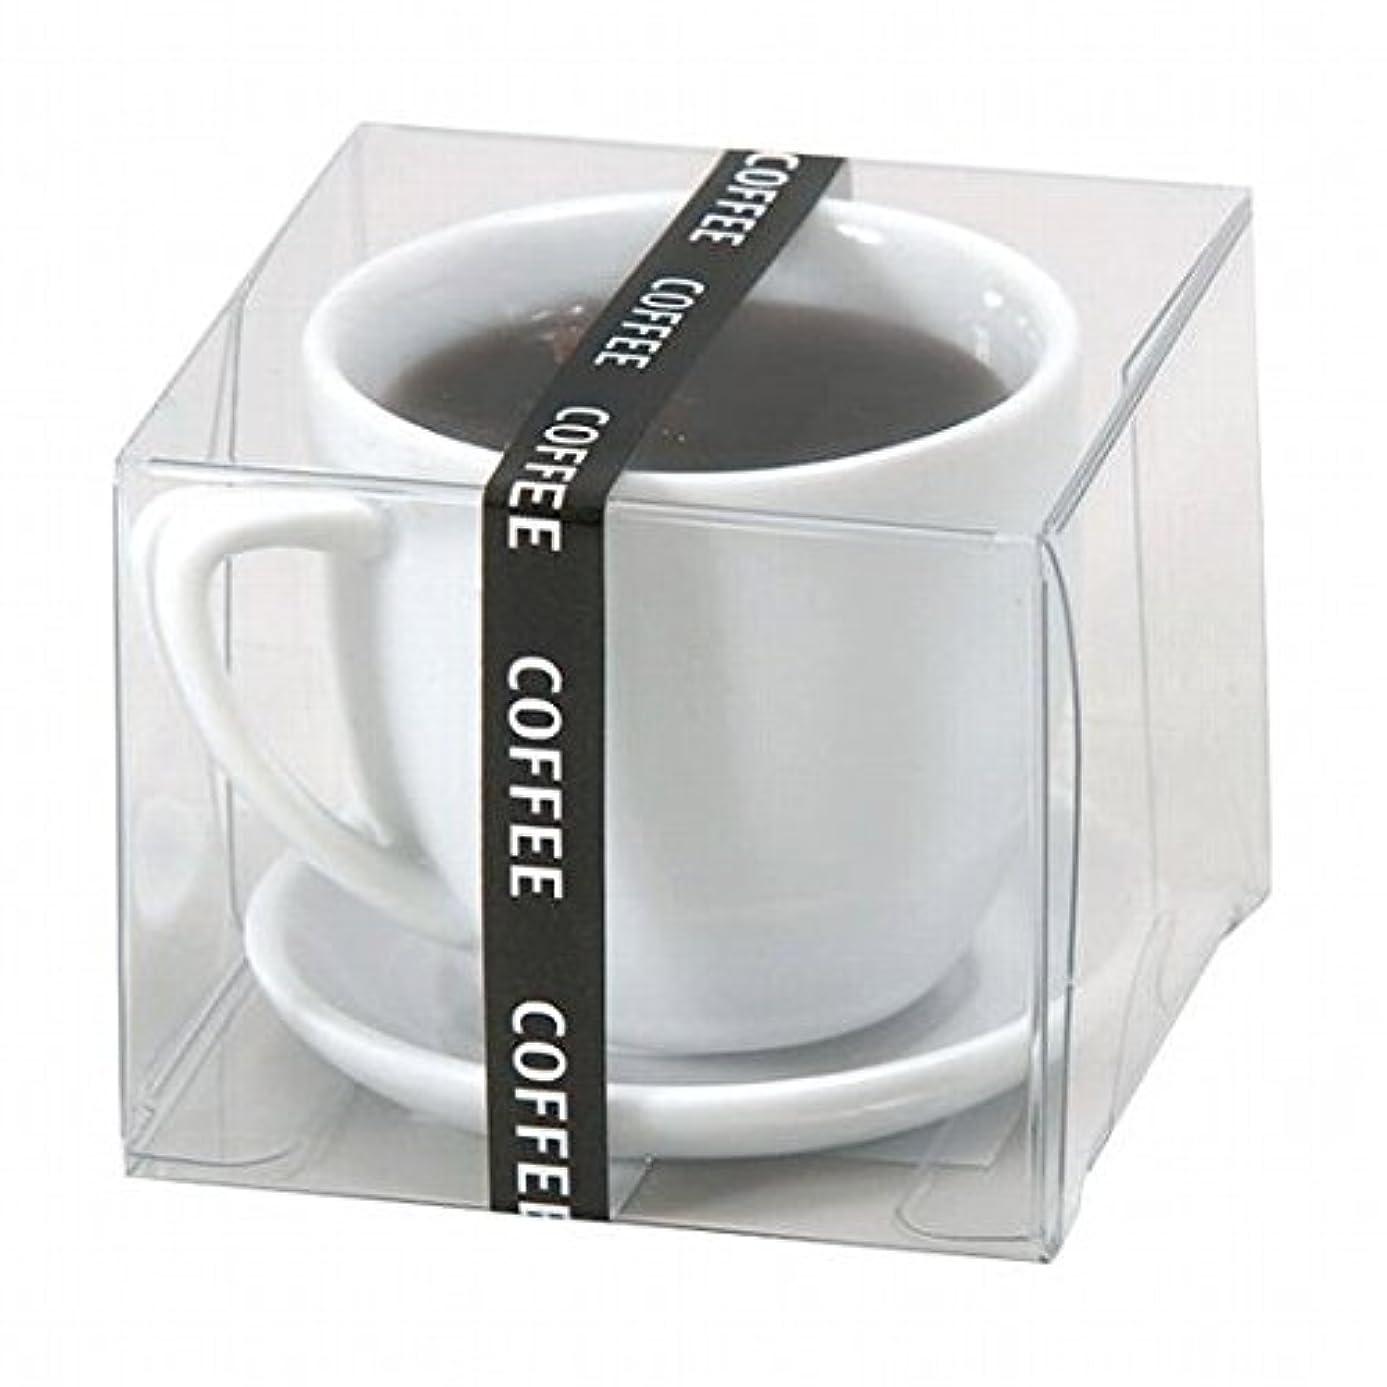 ポスター心臓債務者kameyama candle(カメヤマキャンドル) ホットコーヒー キャンドル(55890000)